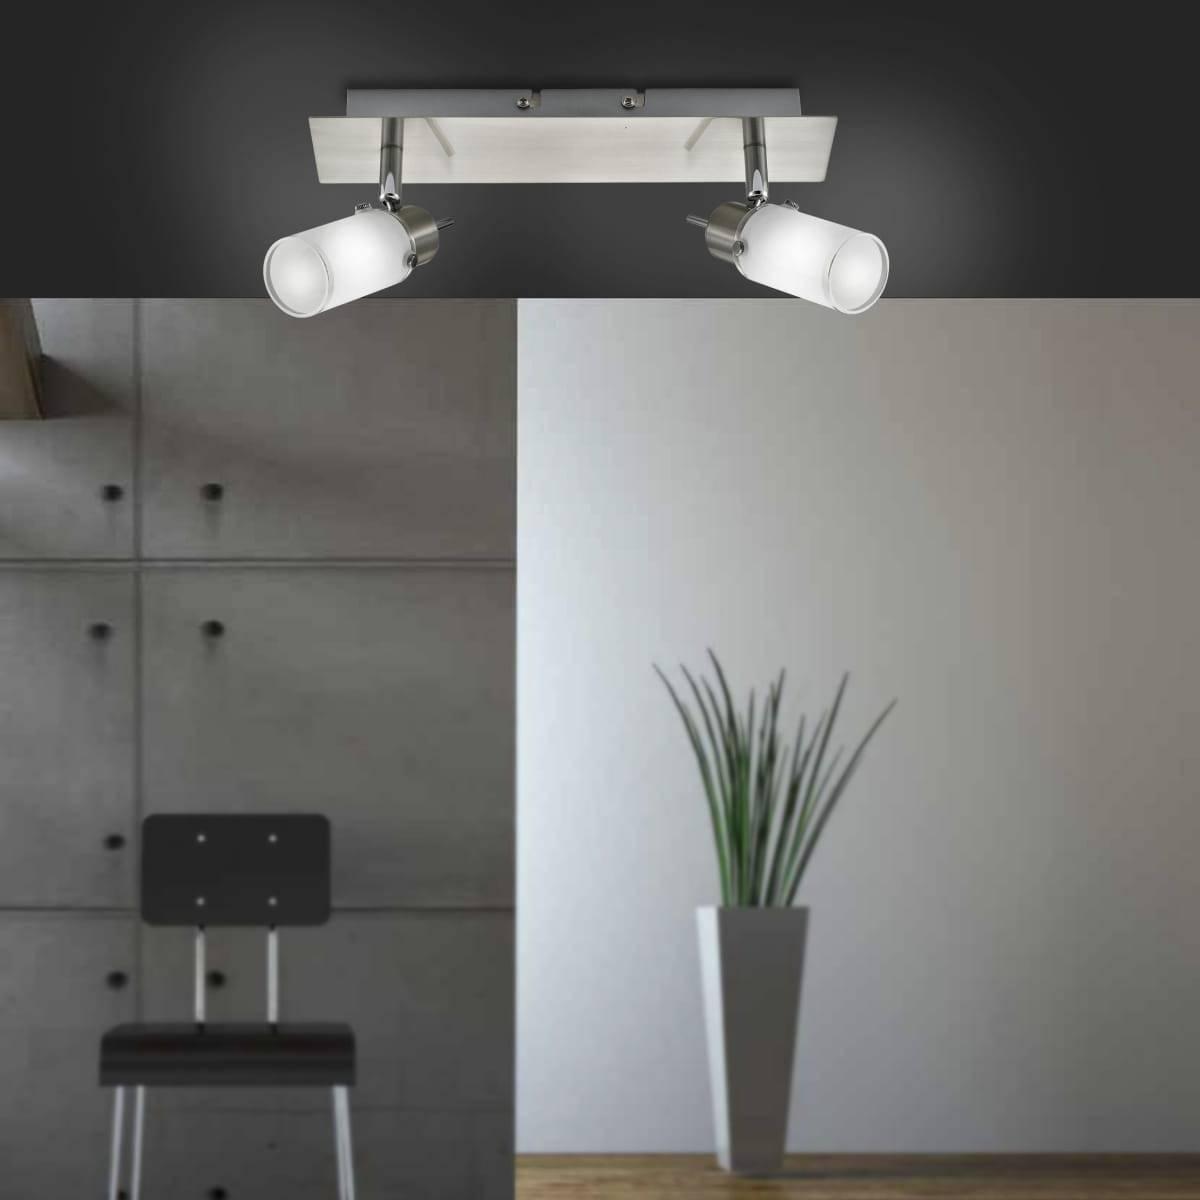 LED-Deckenleuchte in eckig und Stahl mit 2 verstellbaren Leuchtköpfen mit warmweißer Farmtemperatur